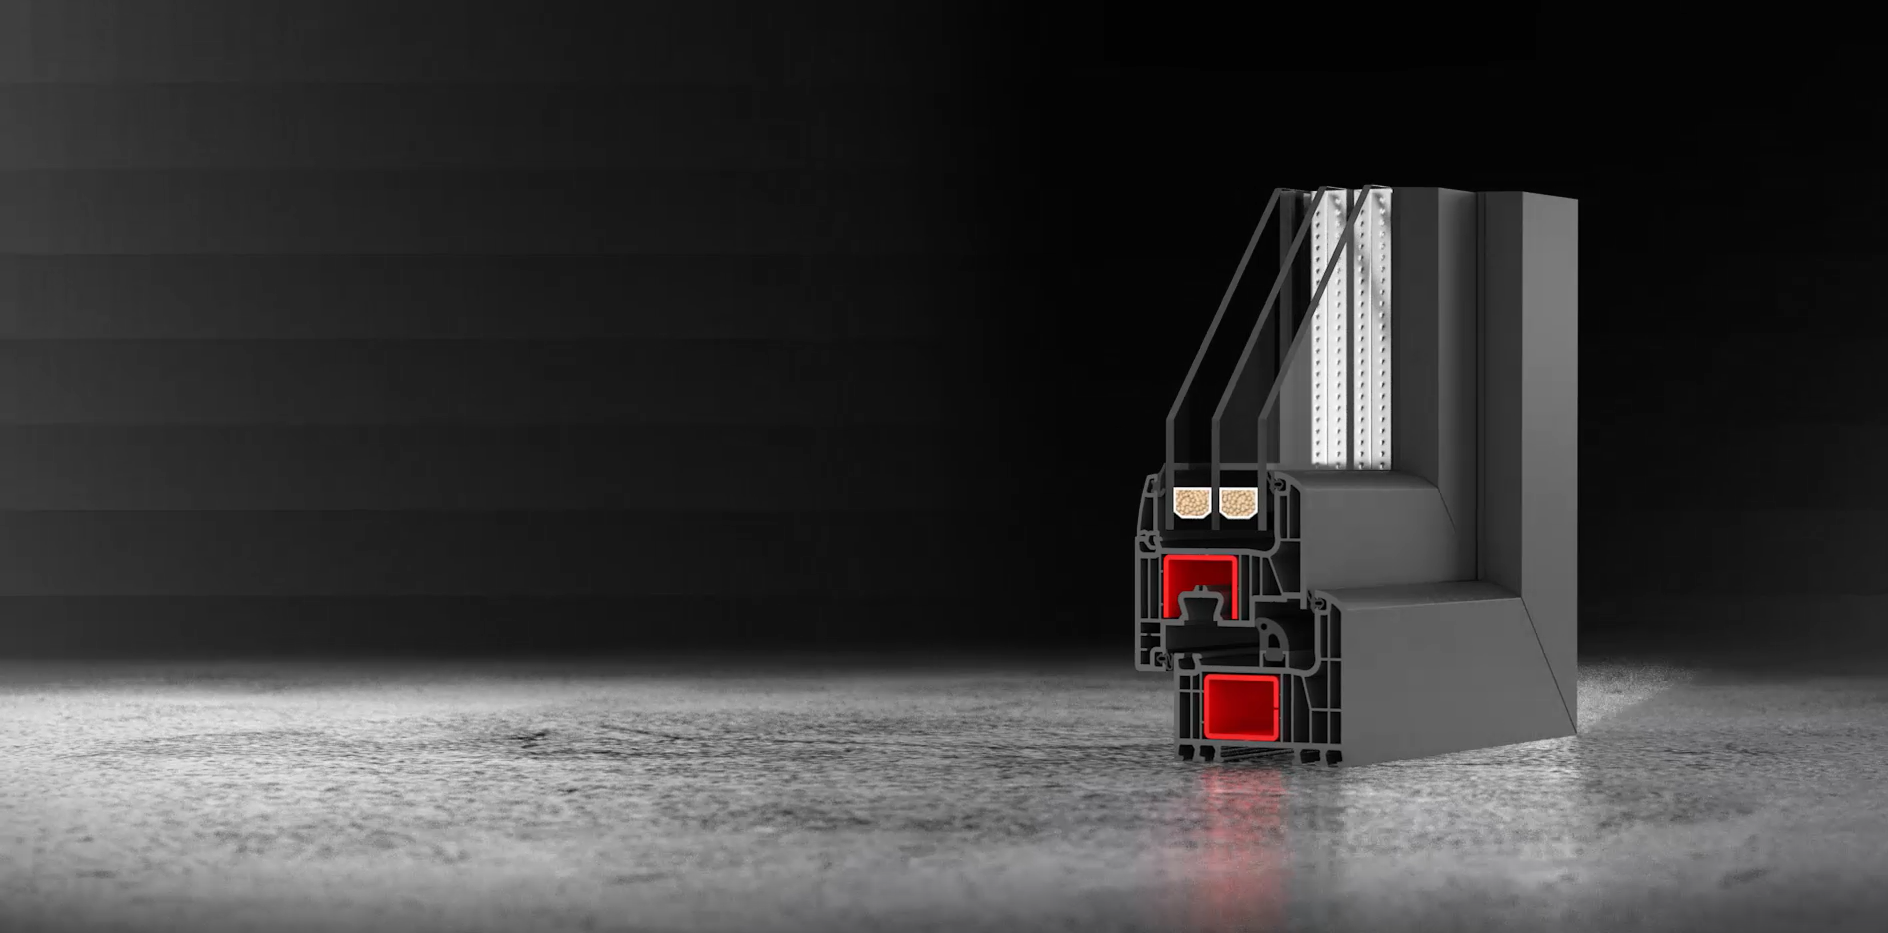 Full Size of Aluplast Fenster Testbericht Drutesa Mit Integriertem Rollladen Internorm Preise Preisvergleich Velux Ersatzteile Einbruchschutz Stange Sonnenschutz Innen Wohnzimmer Aluplast Fenster Testbericht